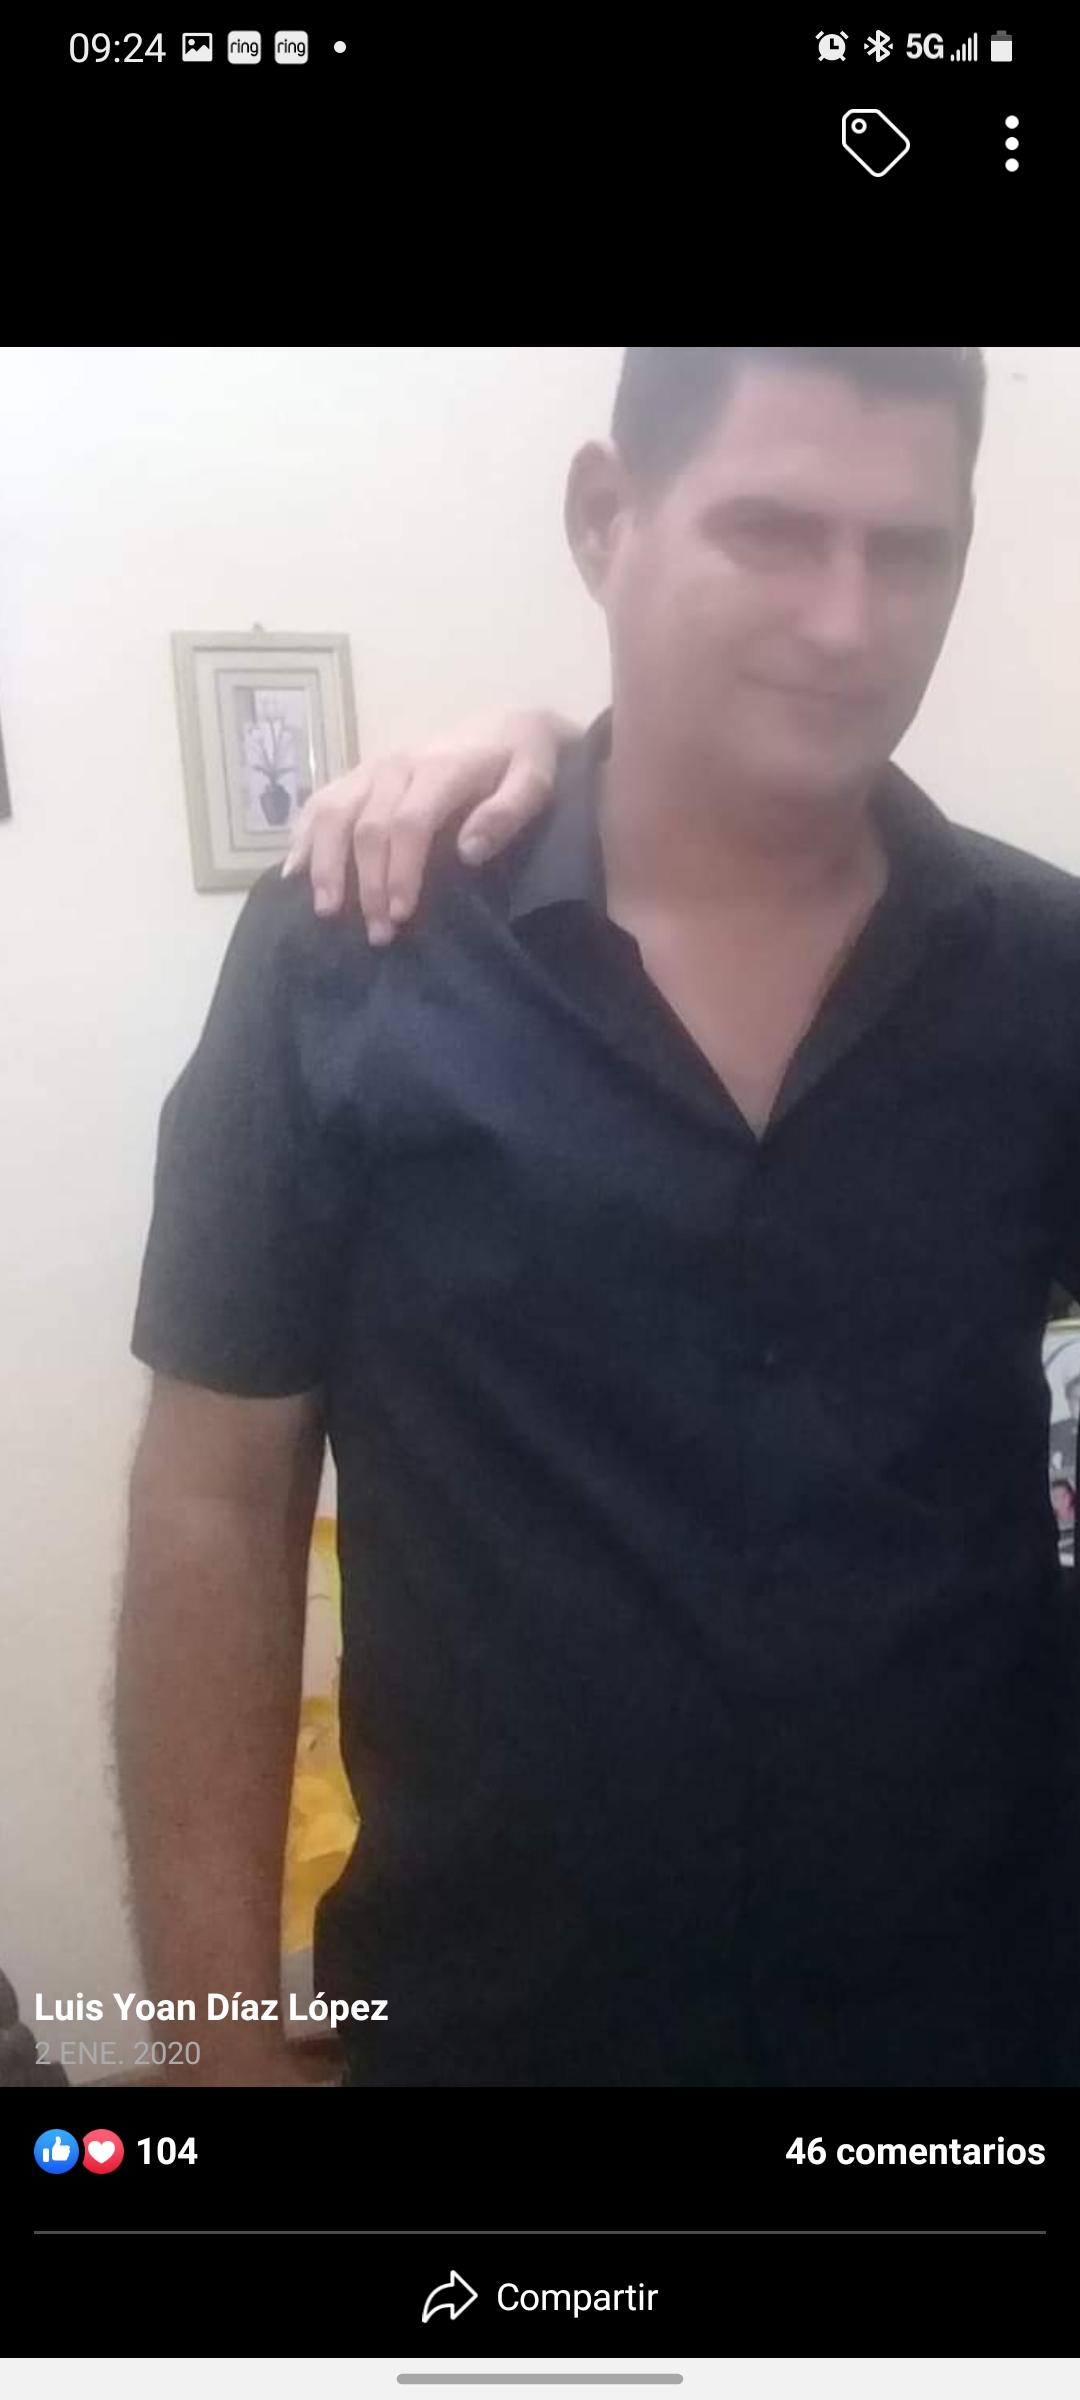 Luis Yoan Diaz Lopez